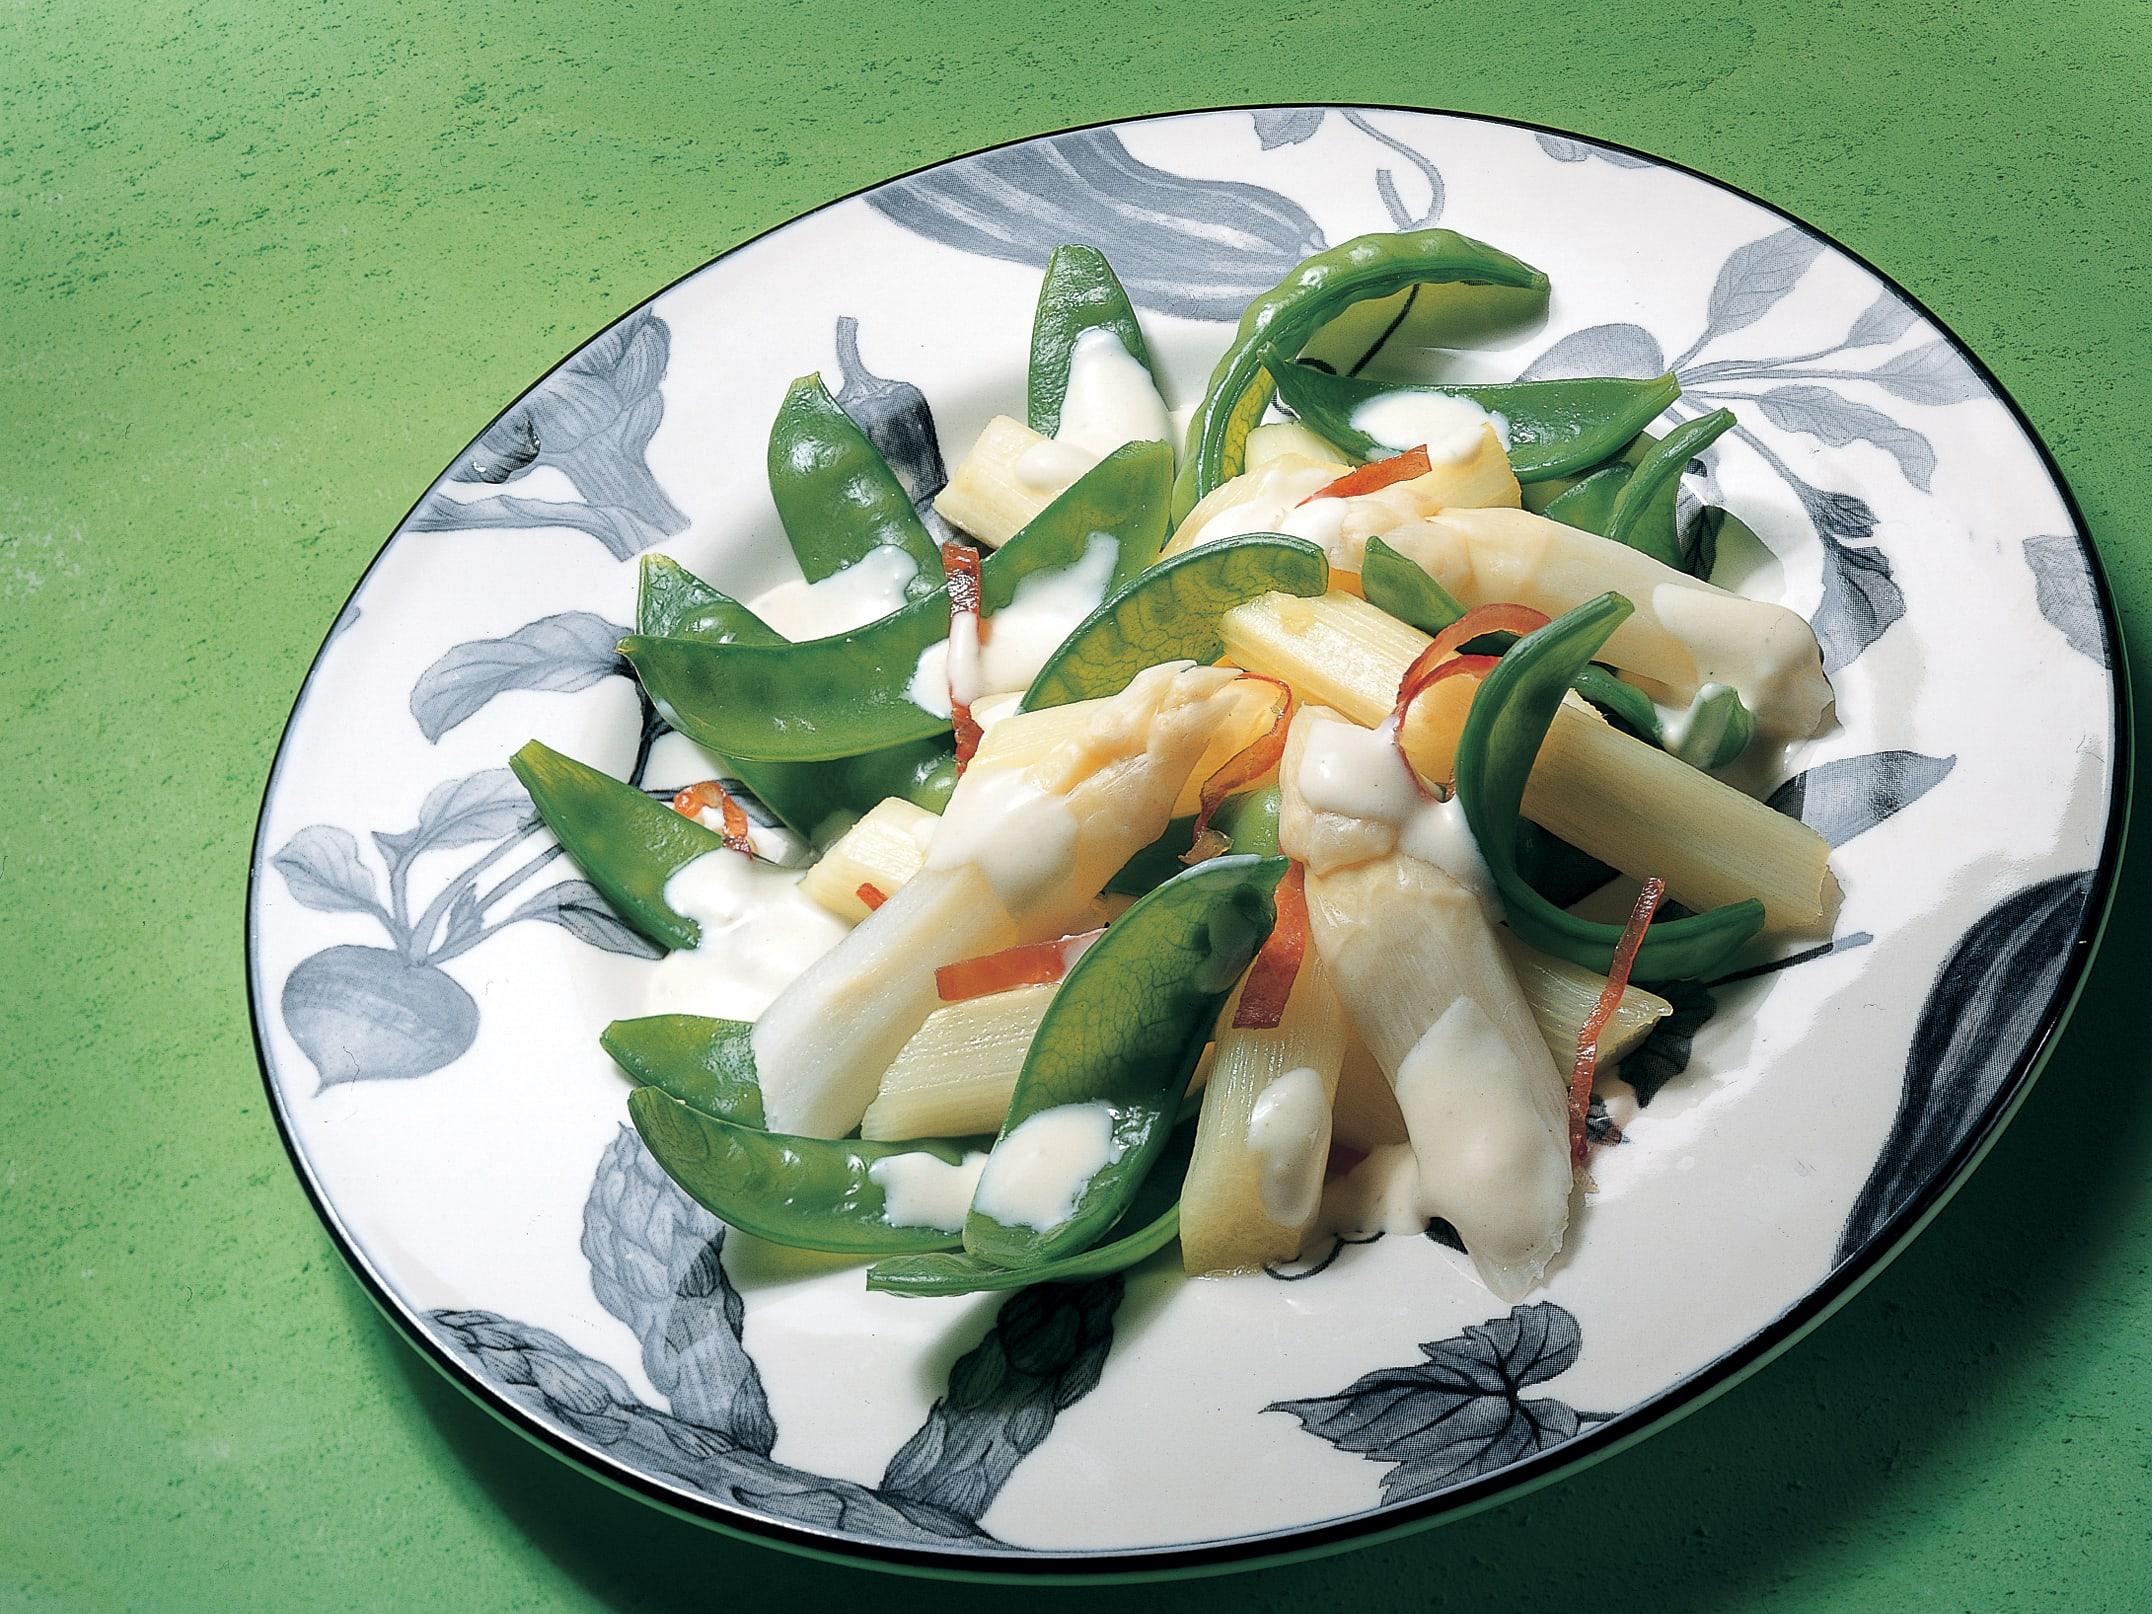 Salade d'asperges et de pois mange-tout sauce à l'estragon